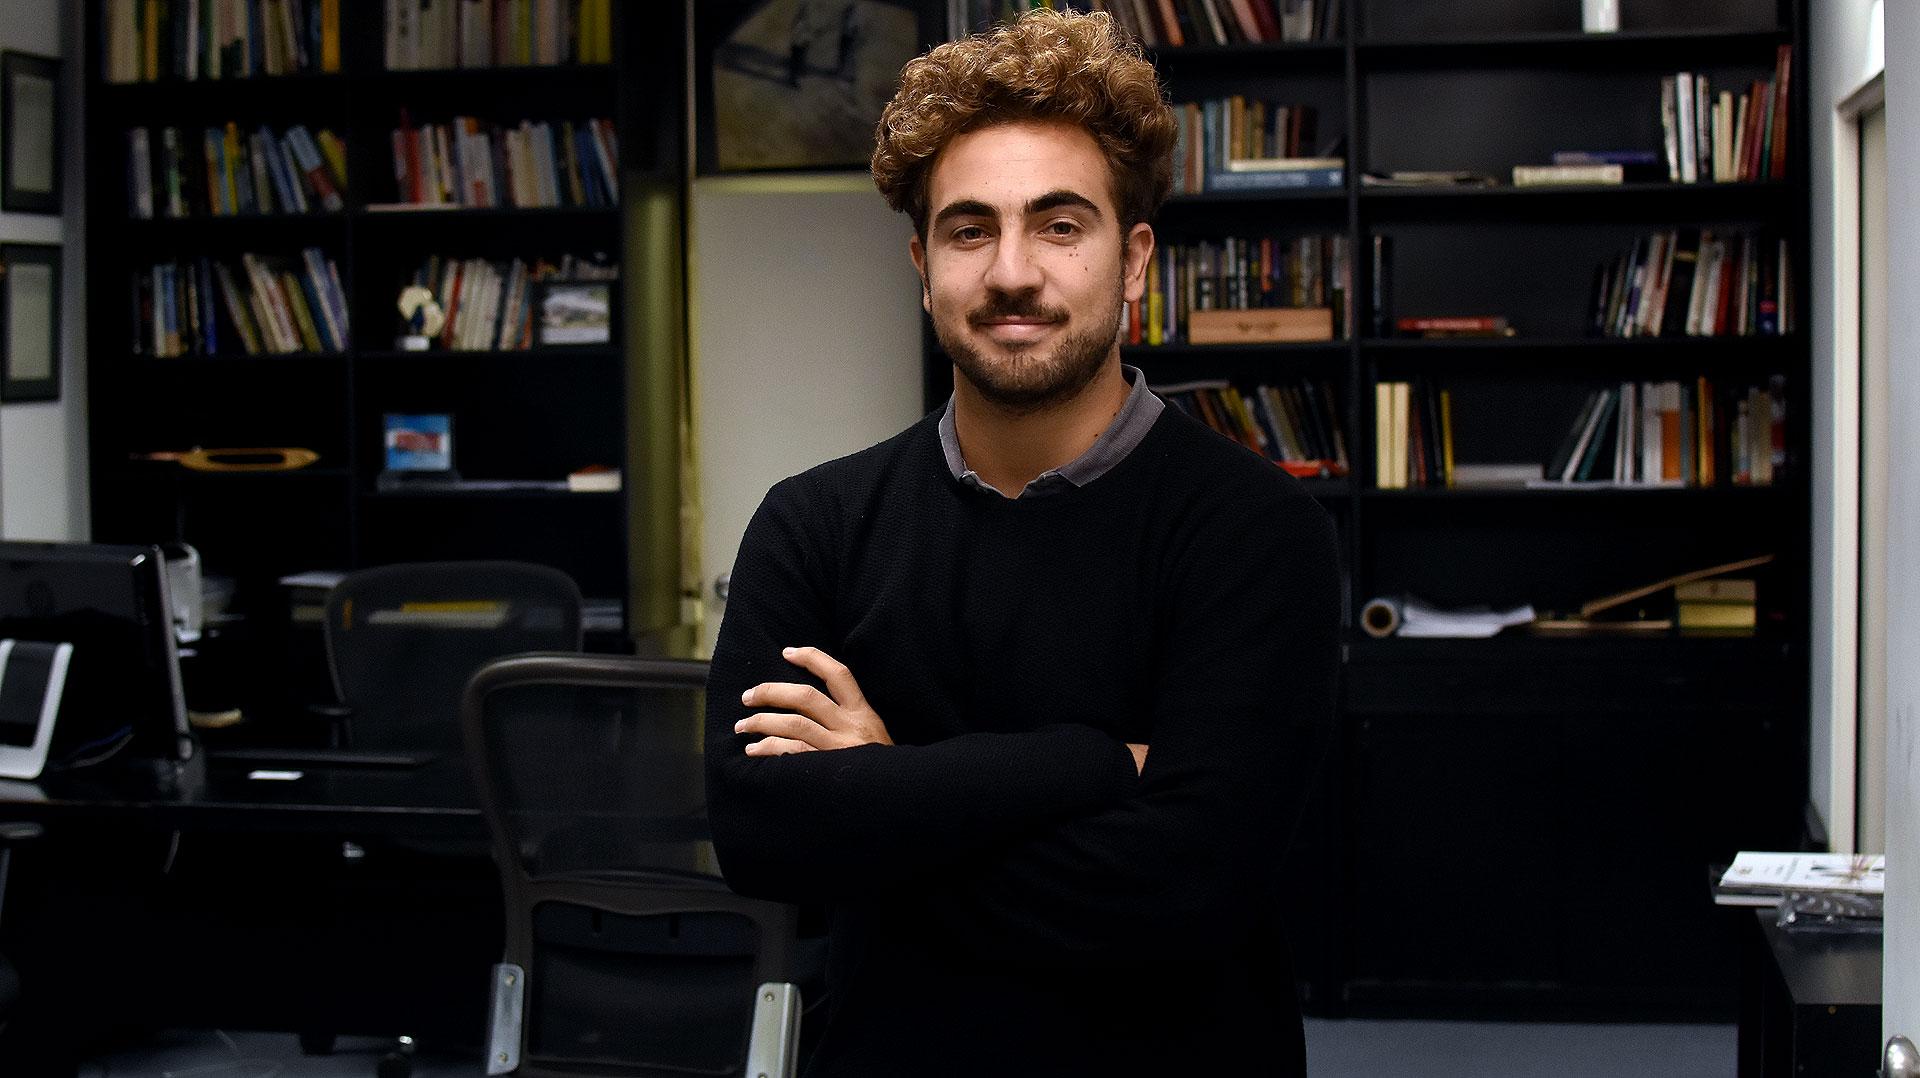 Tomás Karagozian lidera el área de Recursos Humanos de TN Platex. (Nicolás Stulberg)